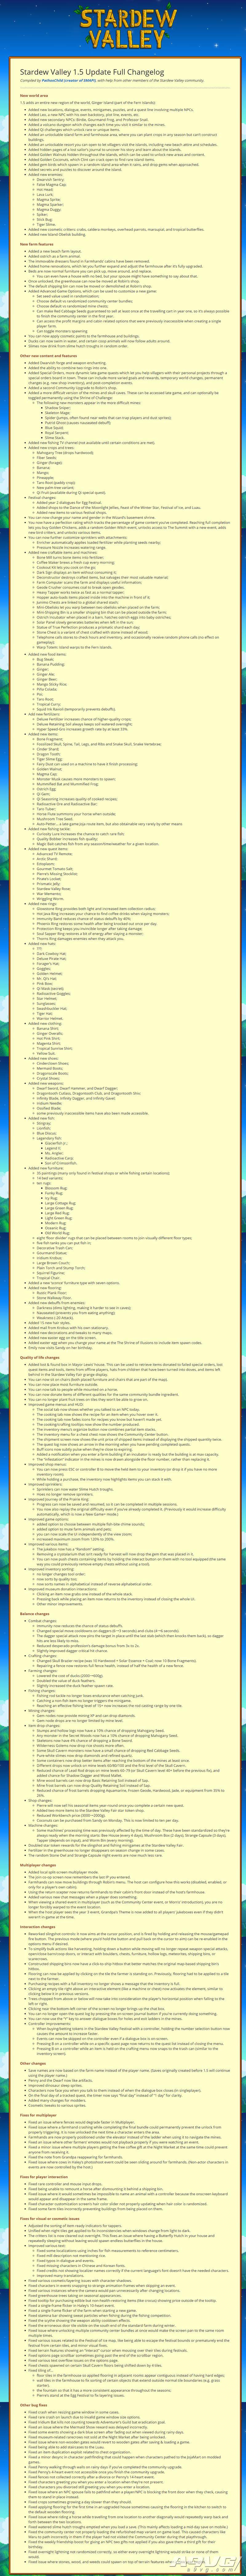 《星露谷物语》1.5版本更新现已在PC平台推出 2021年登陆主机